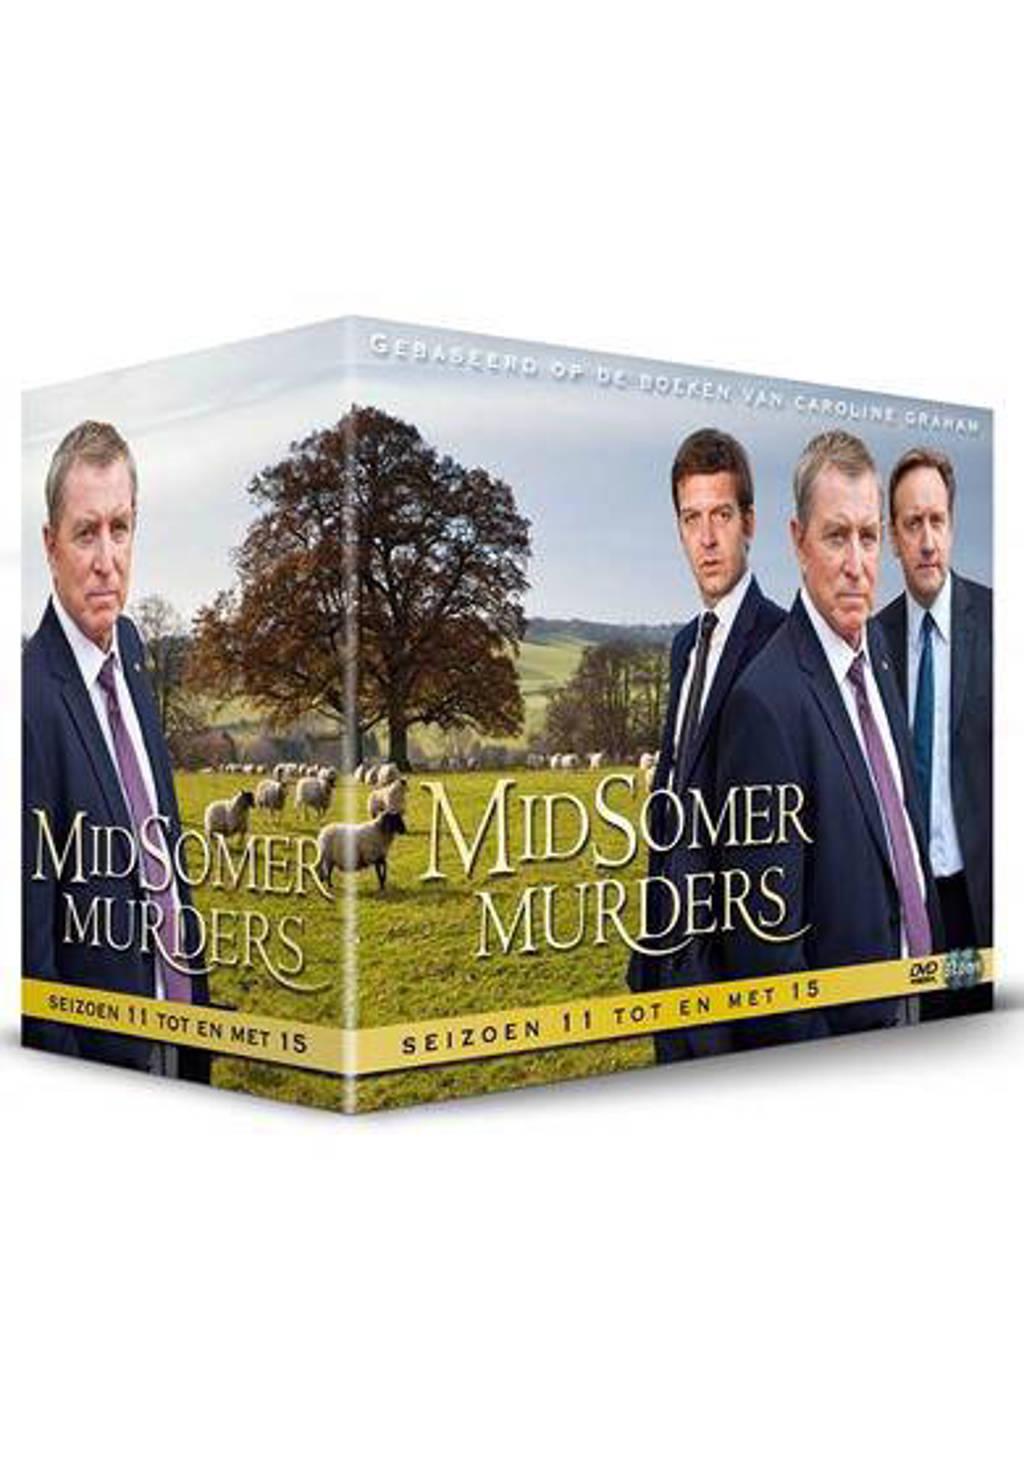 Midsomer murders - Seizoen 11-15 (DVD)